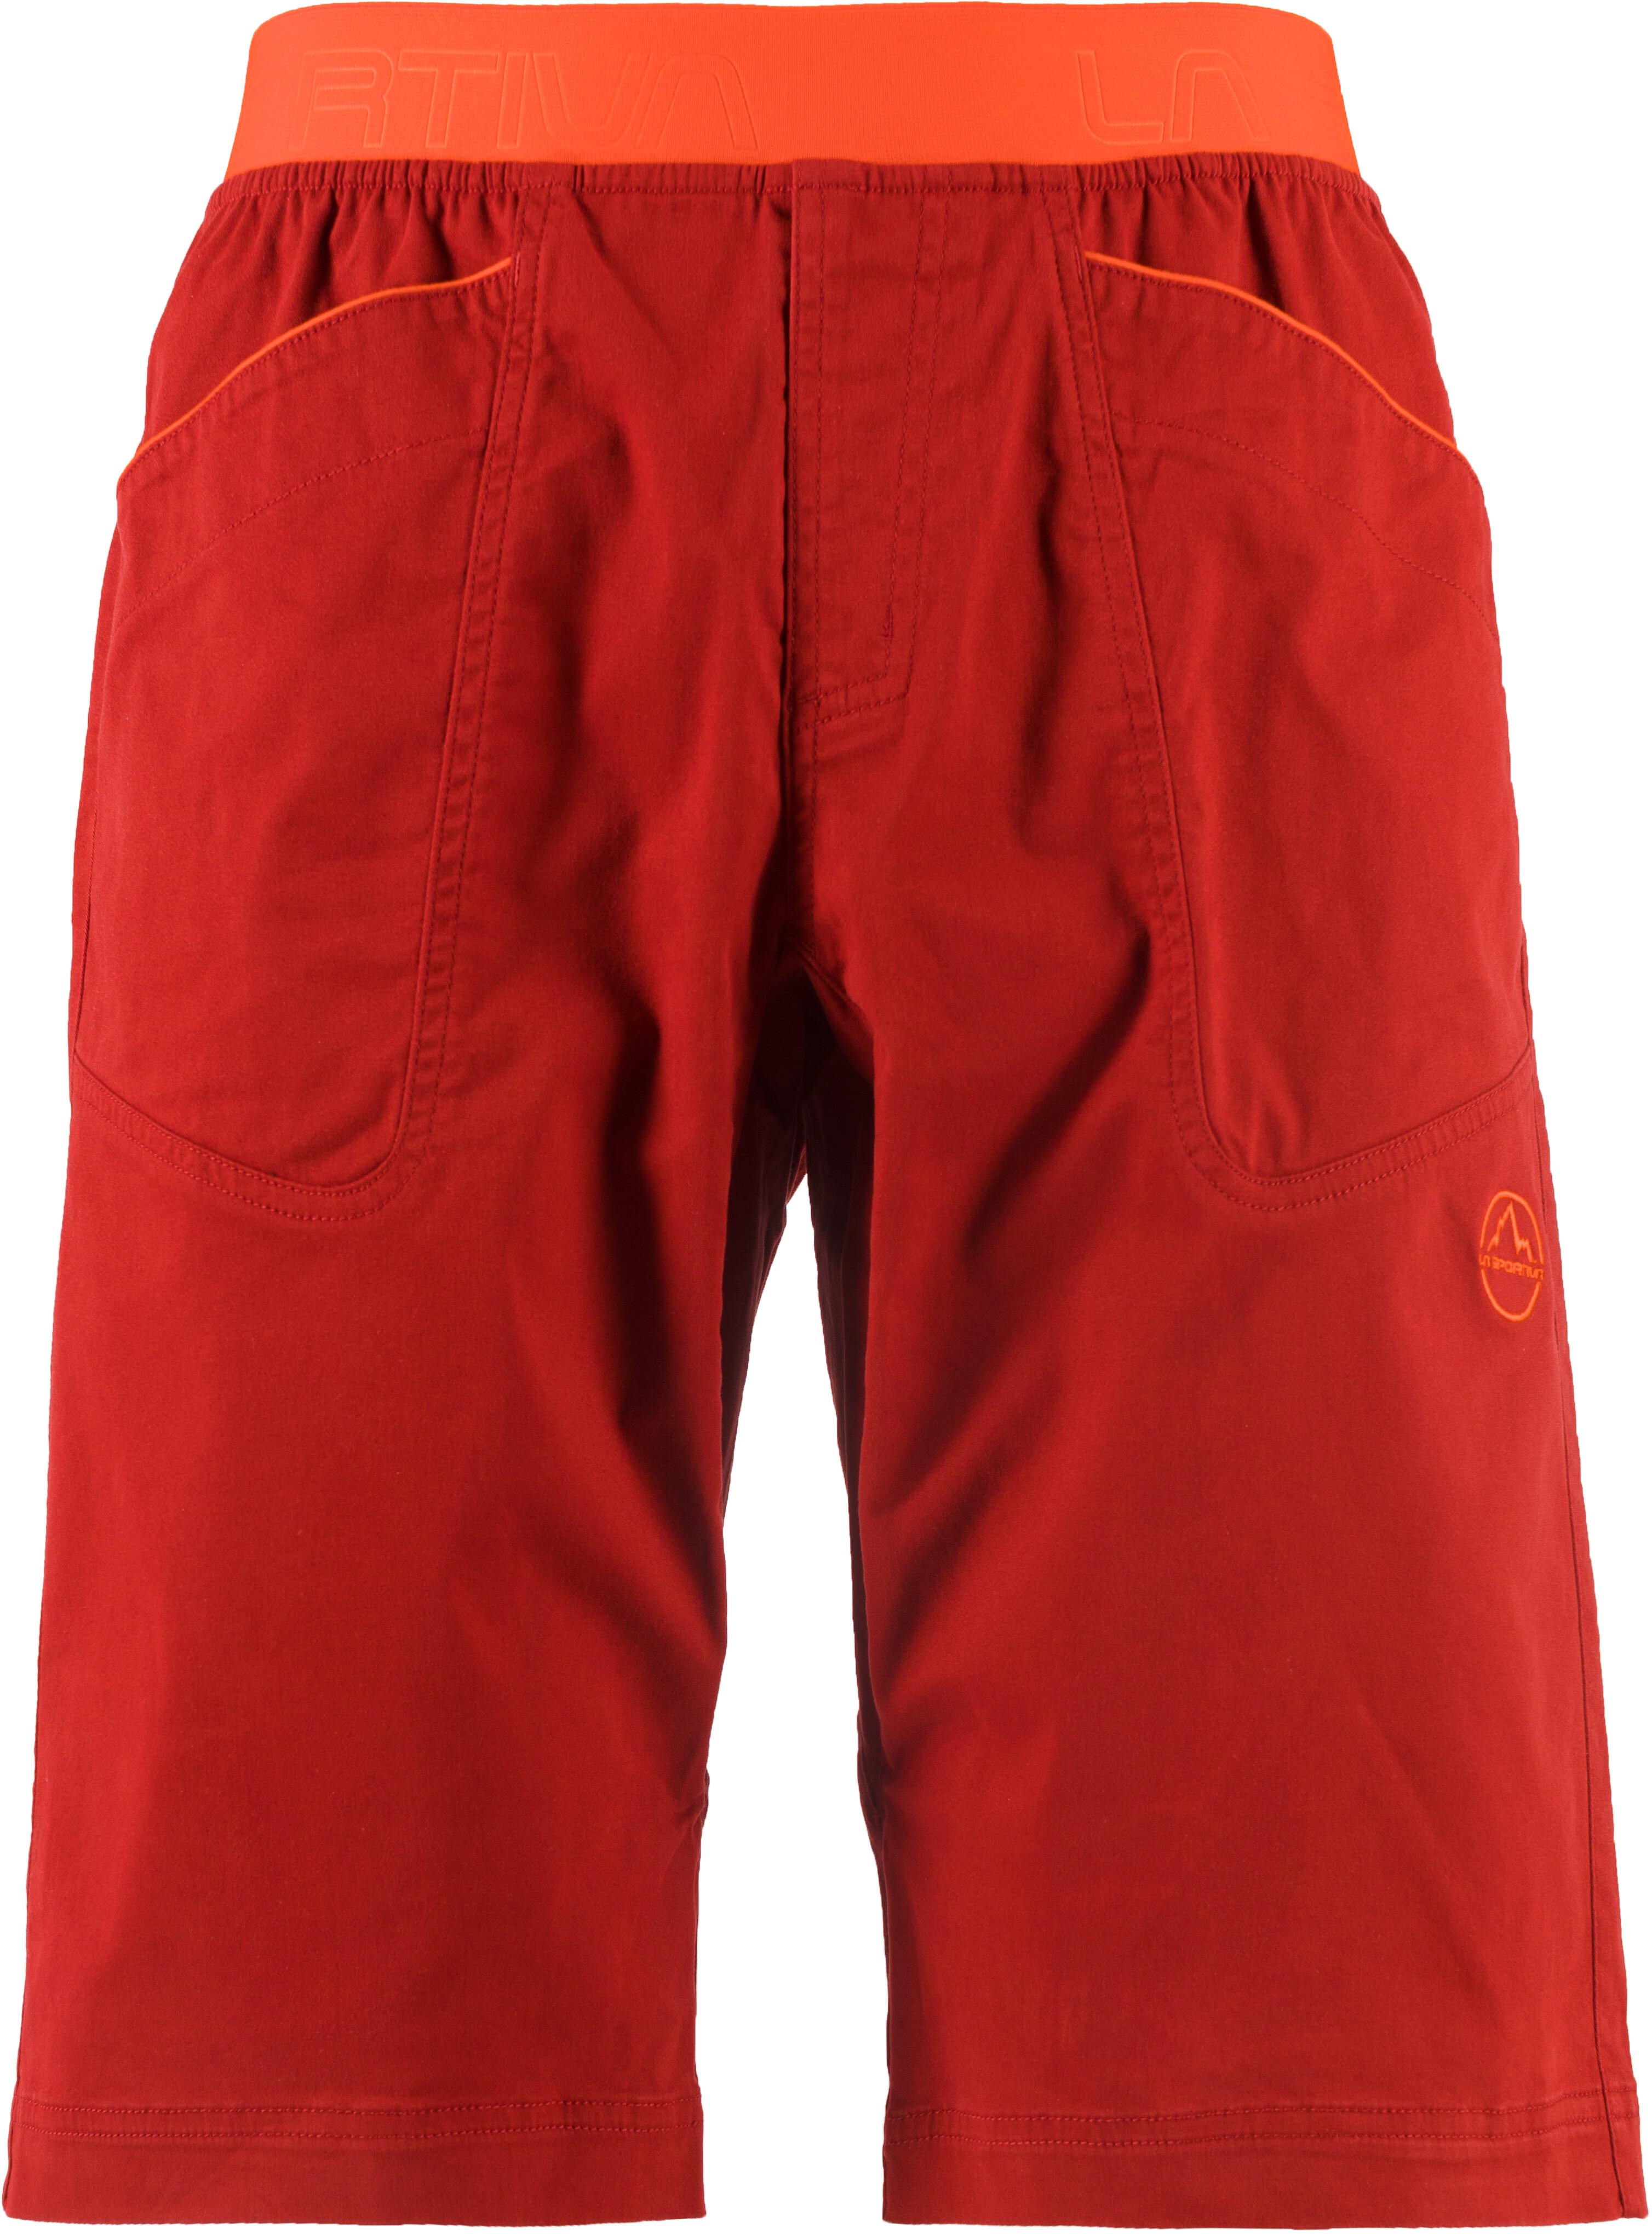 6a60f1c9496 La Sportiva Flatanger korte broek Heren oranje/rood l Outdoor winkel ...